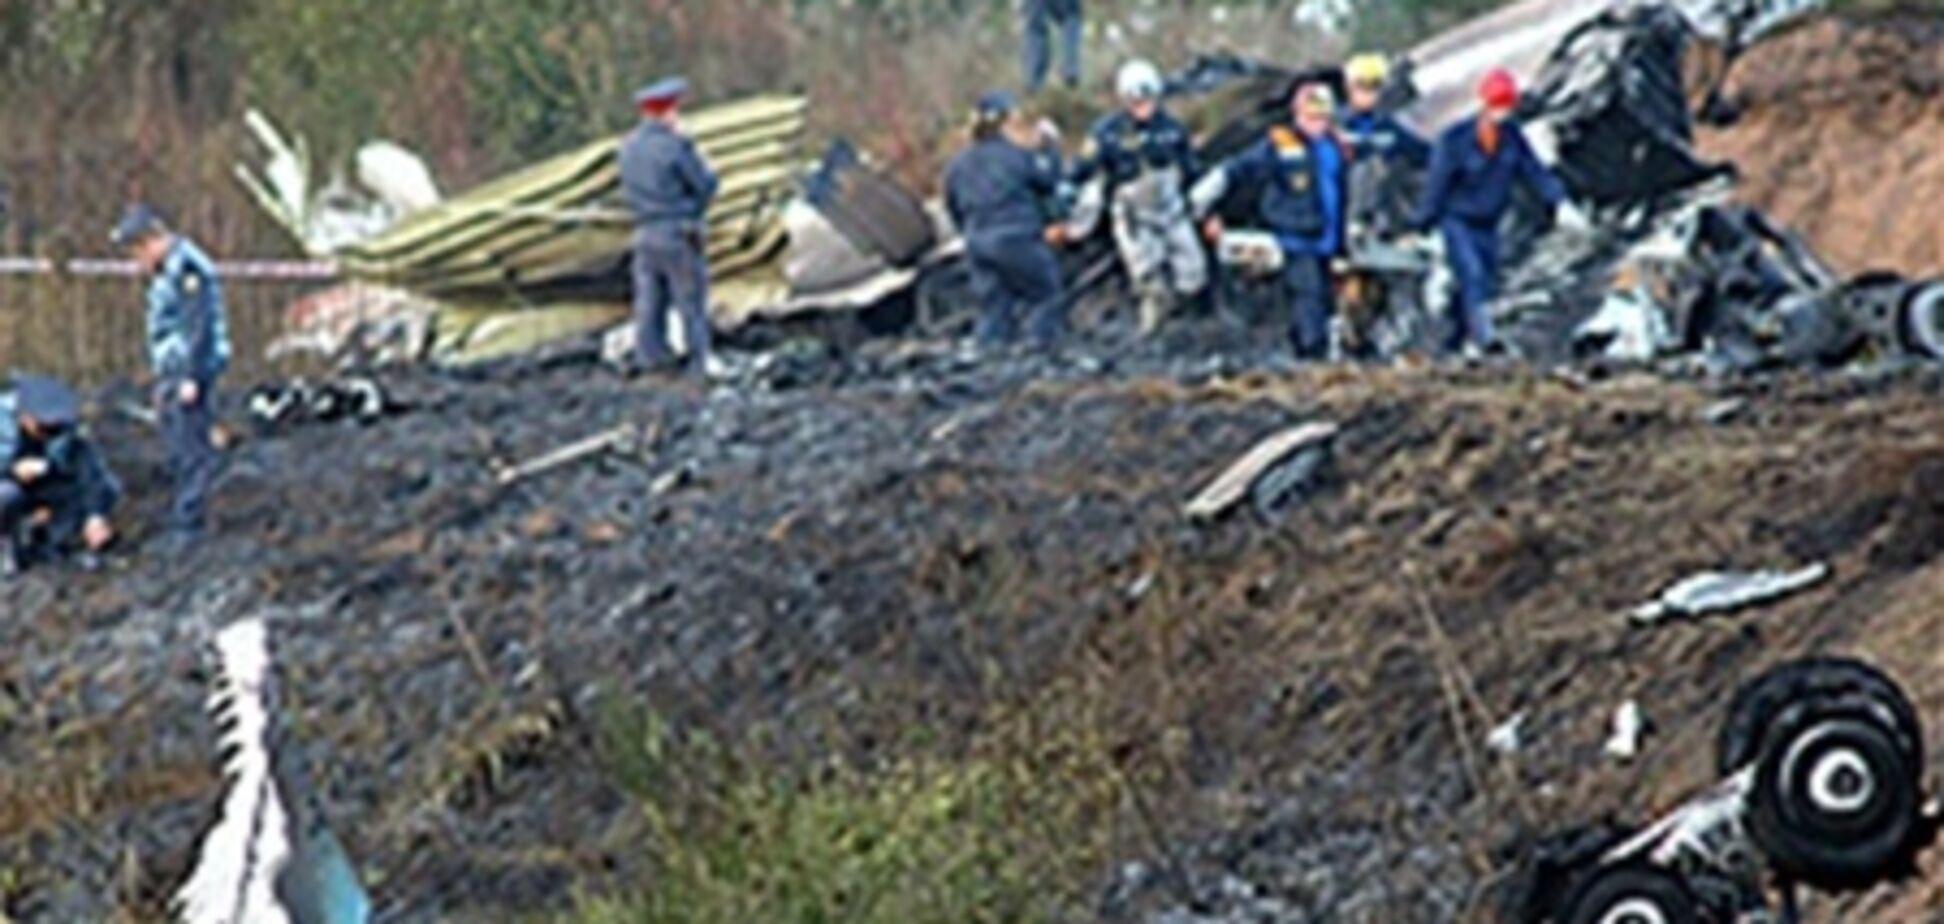 Пилоты разбившегося Як-42 могли выбрать неправильный режим работы двигателей